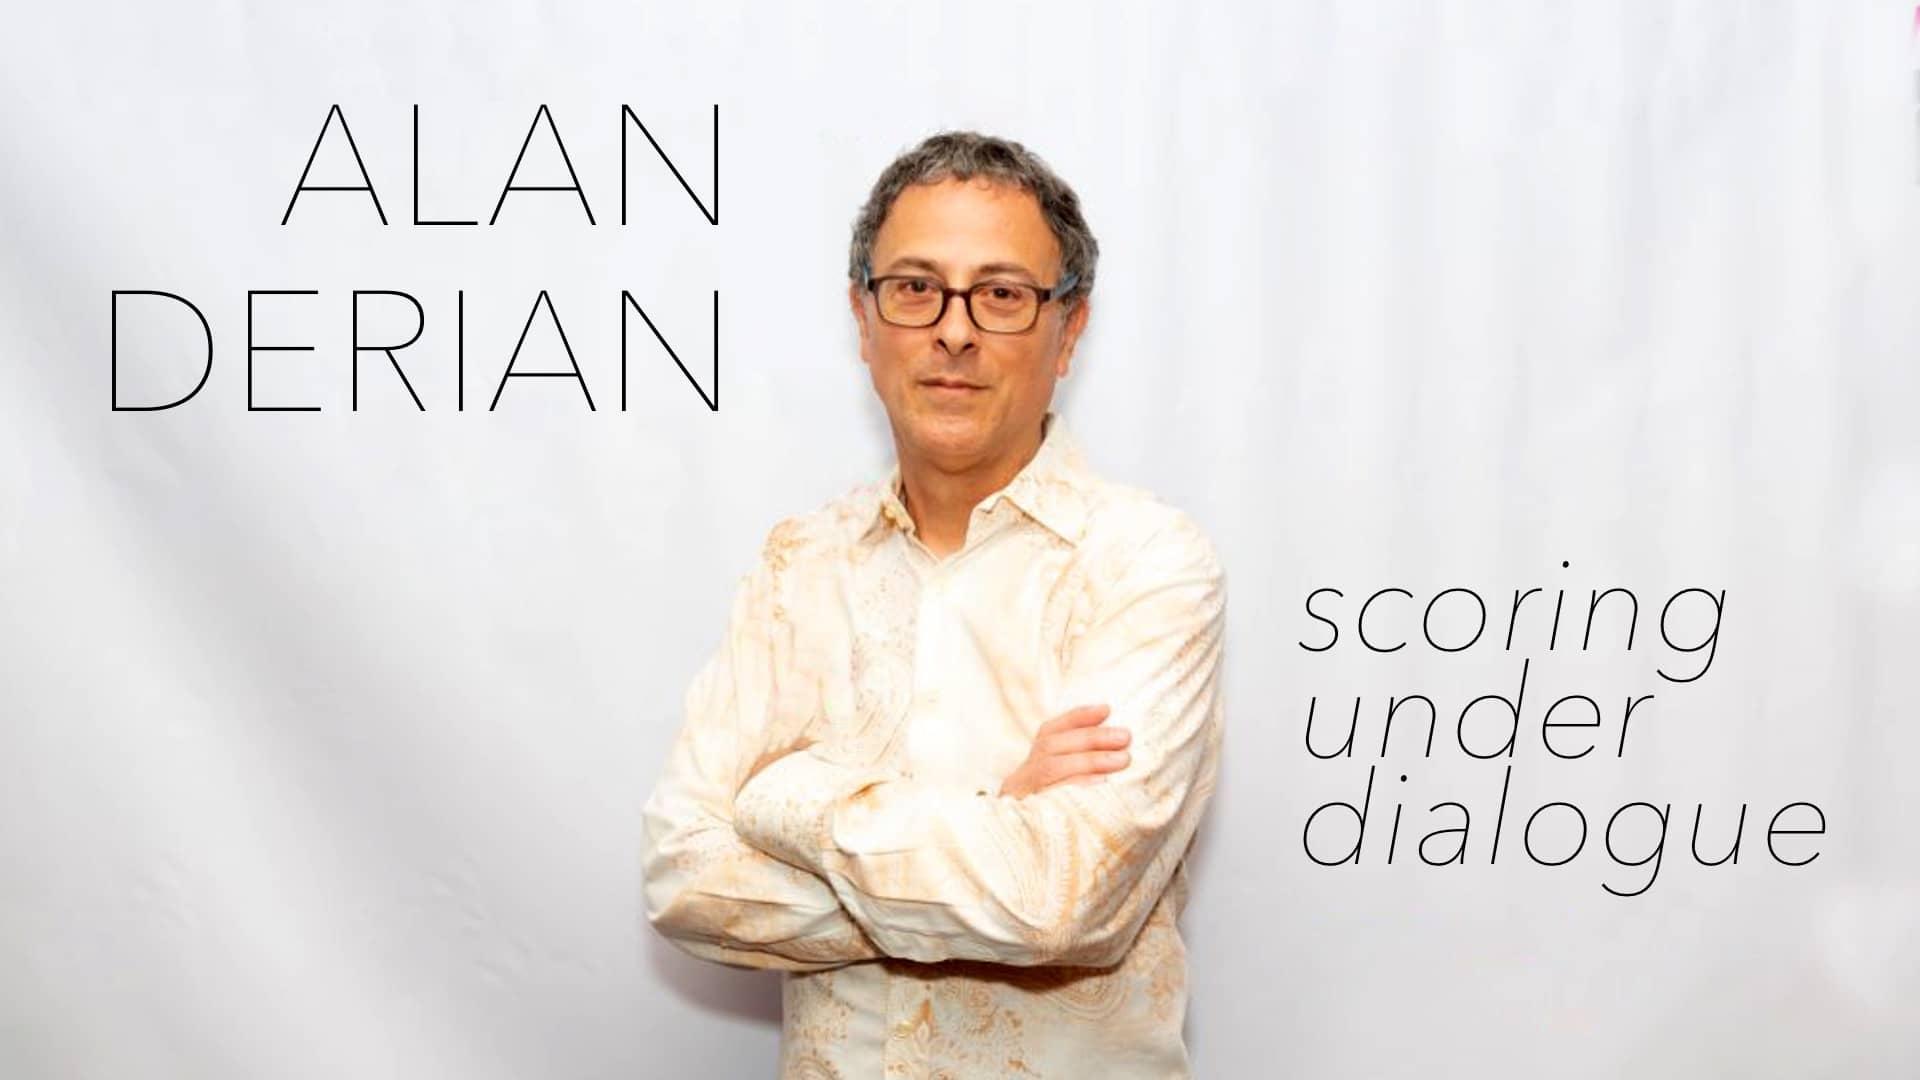 Alan Derian